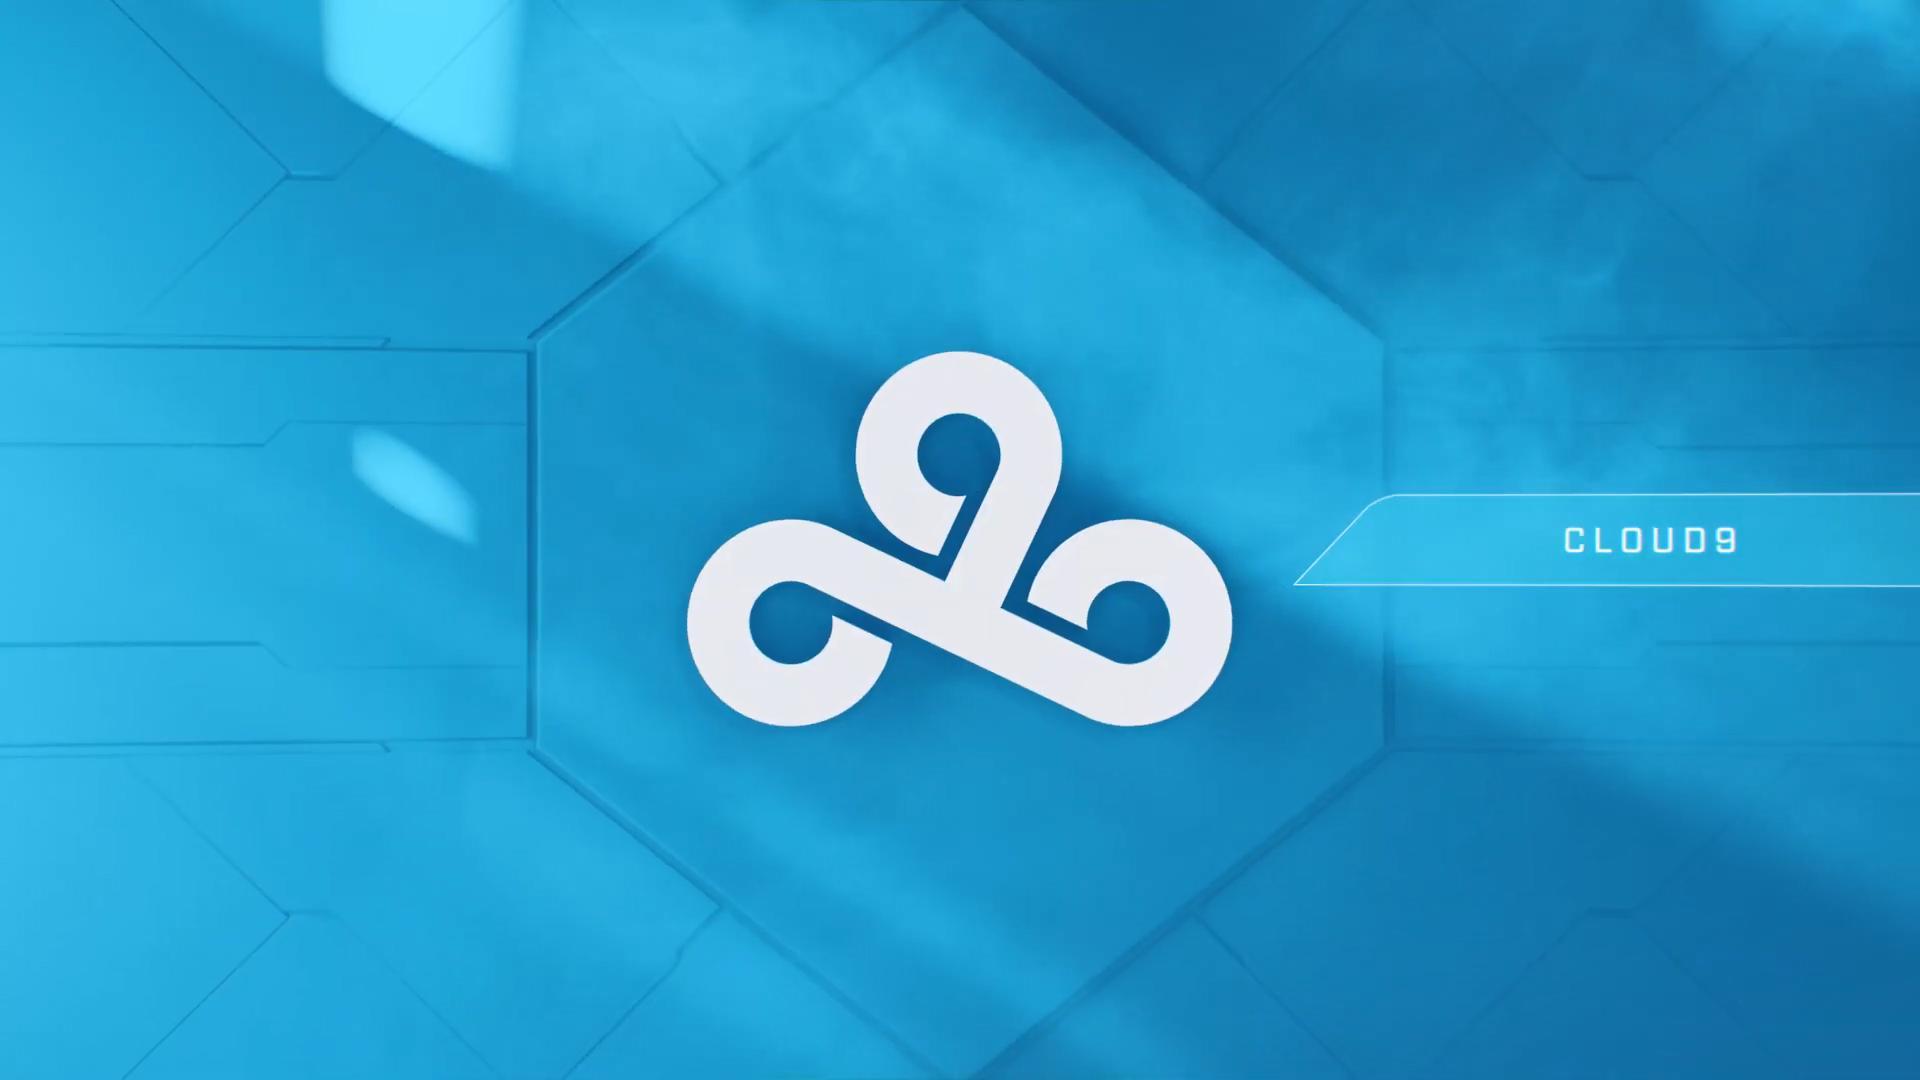 《光环:无限》电子竞技项目公布 G2、C9为官方合作战队